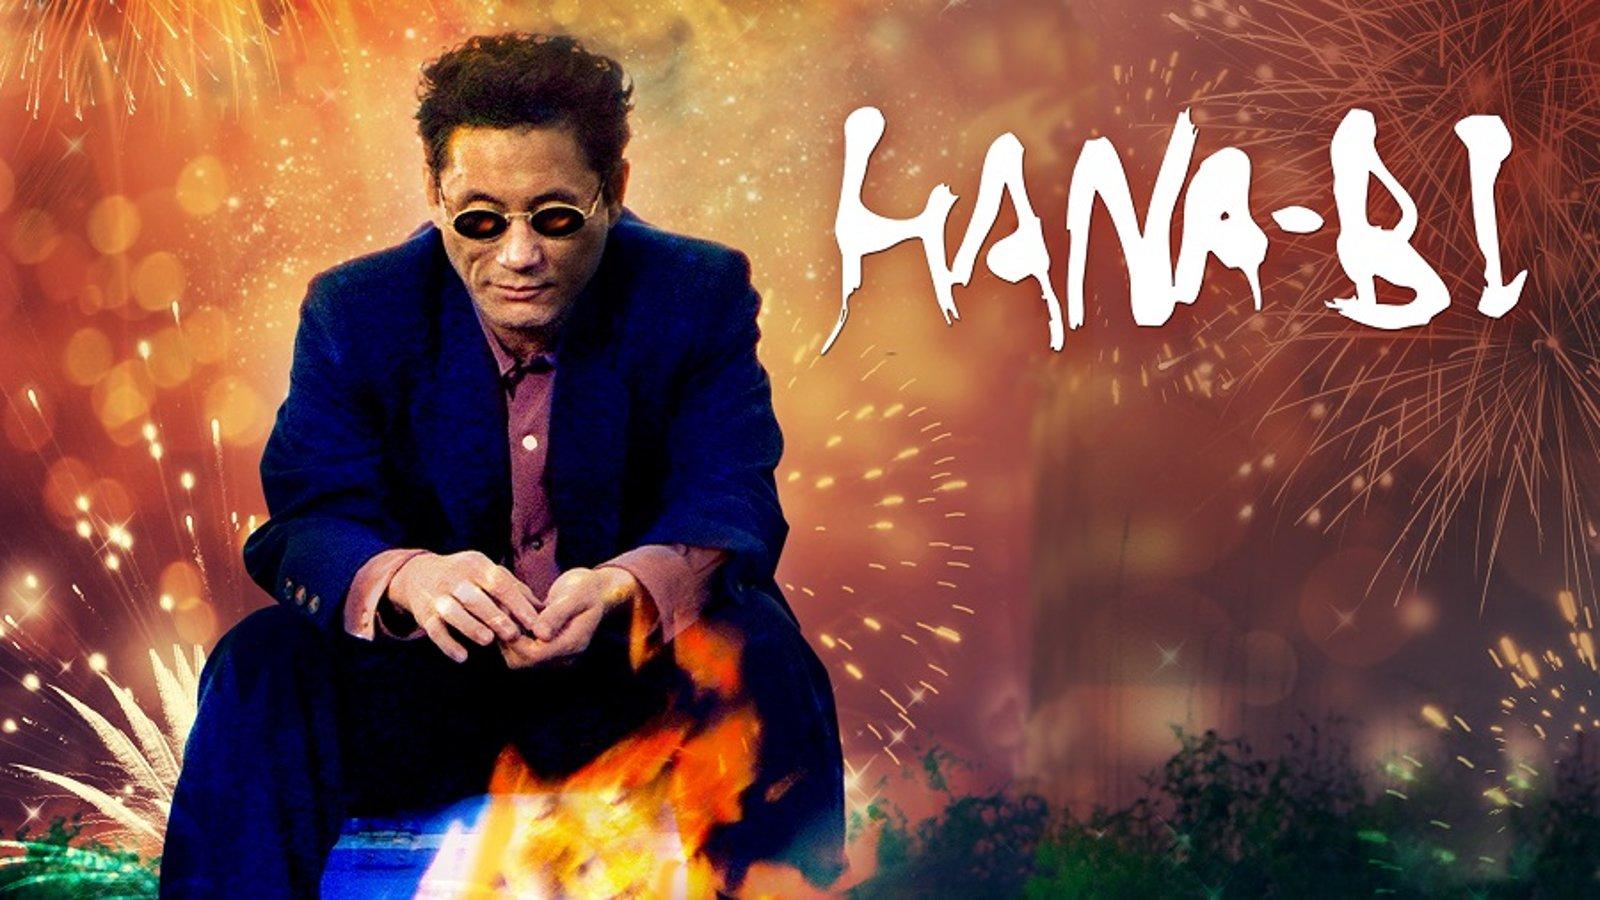 Fireworks - Hana-bi